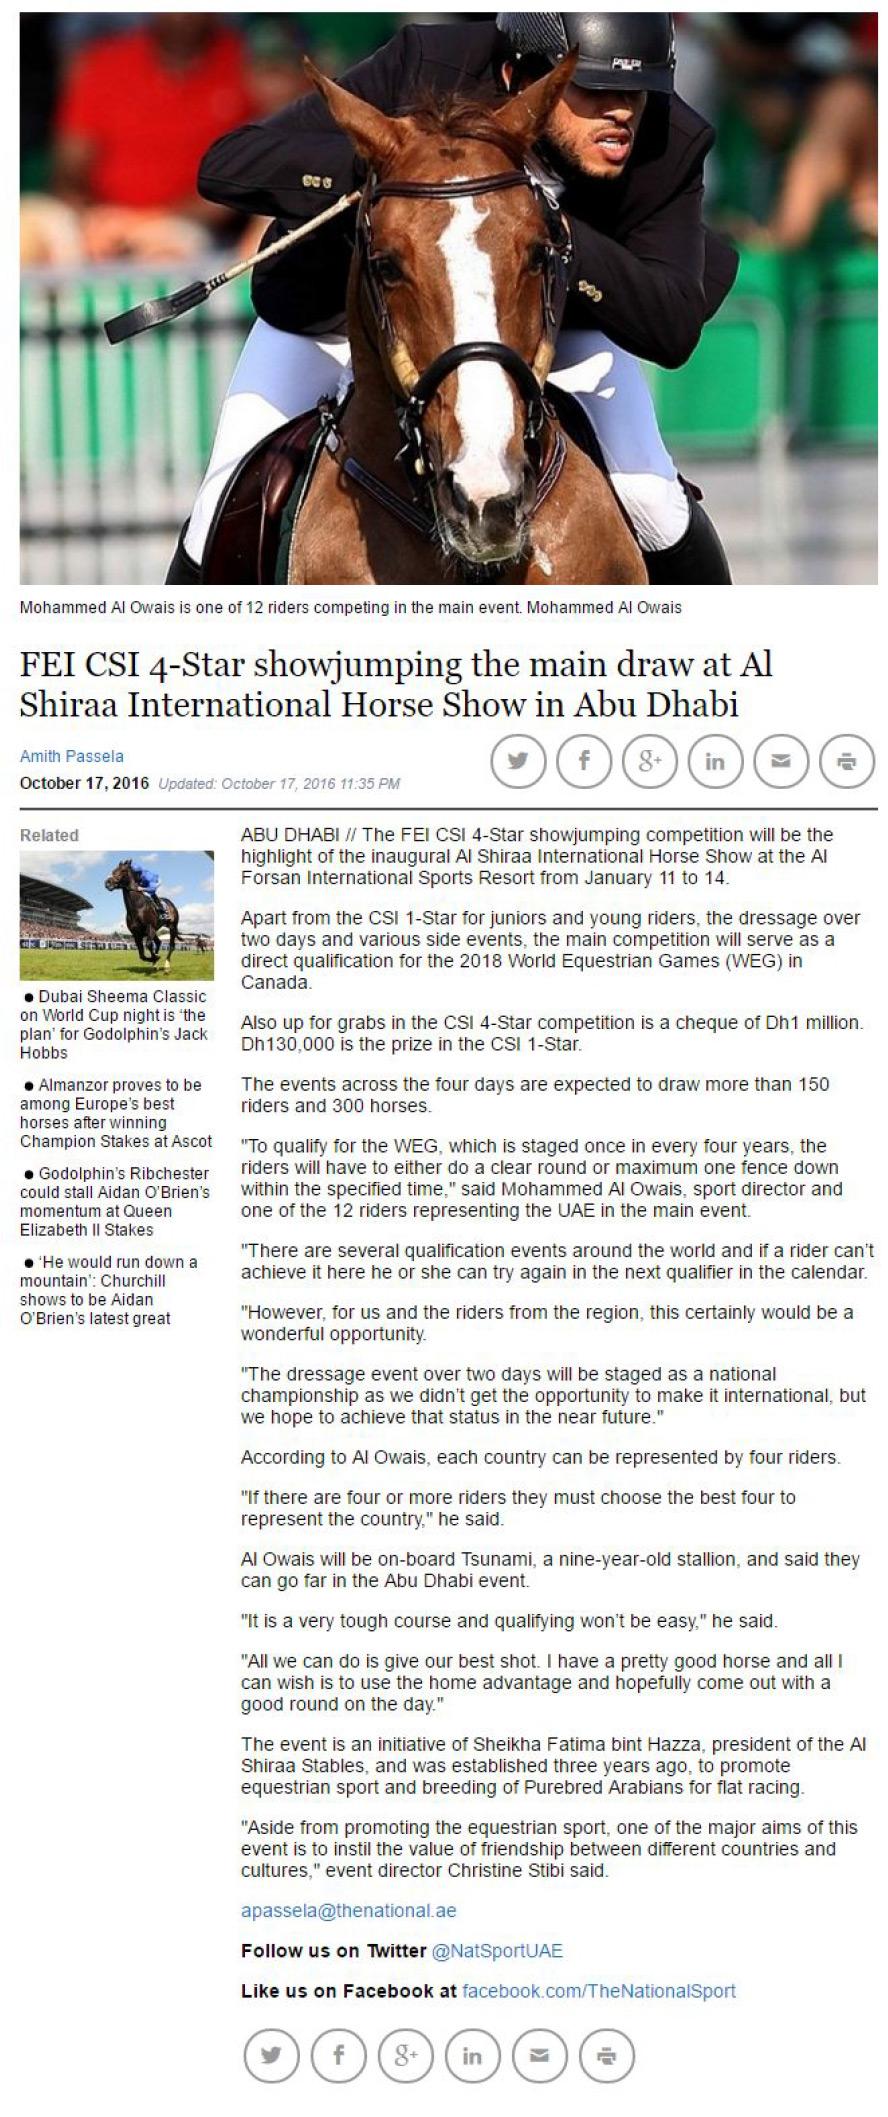 2016-10-Al-Forsan-Al-Shira-aa-Int-Horse-show-Abu-Dhabi-s23